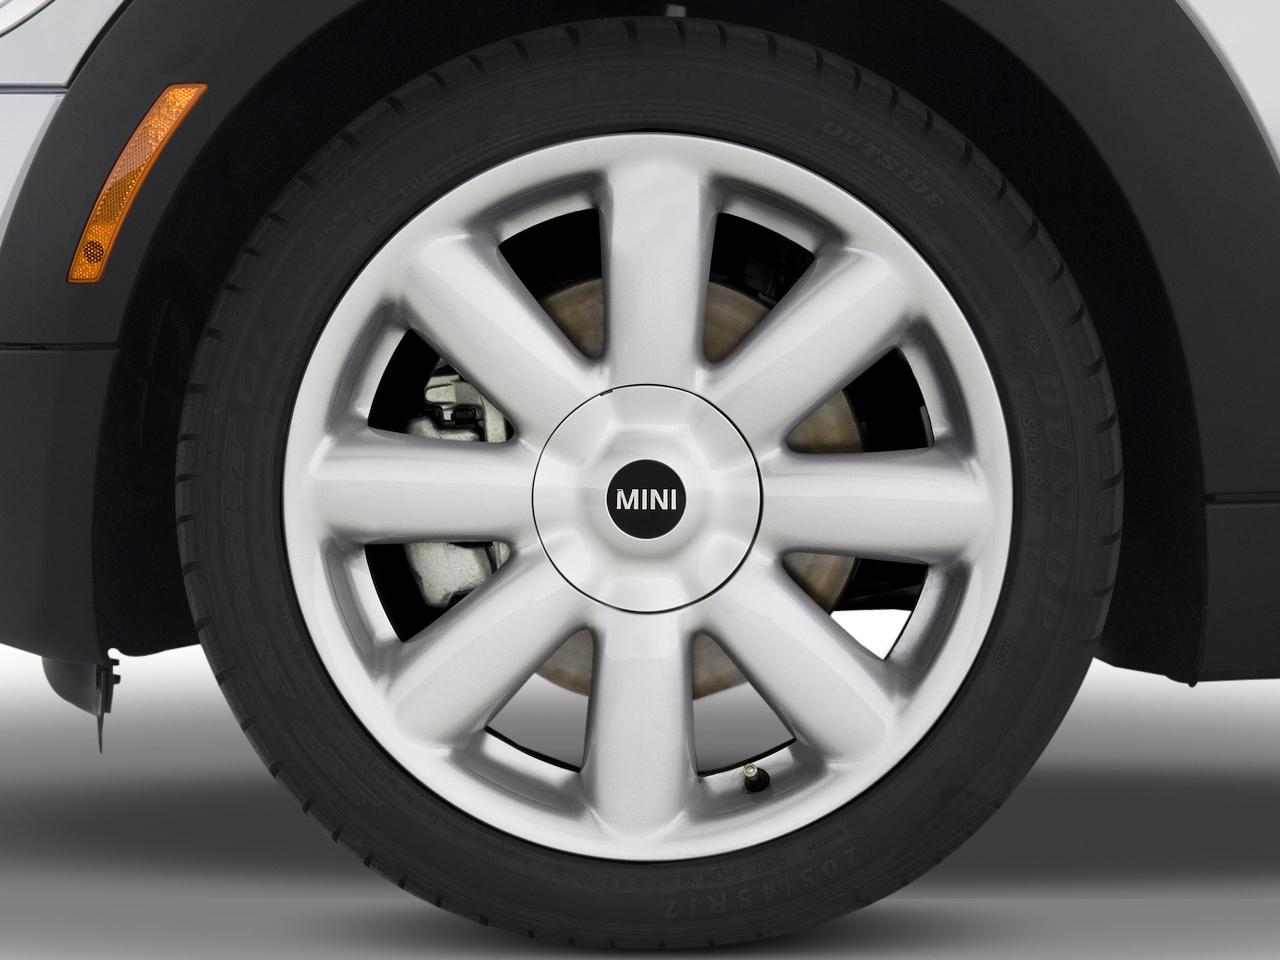 Mini Cooper S Wheel Size идеи изображения автомобиля